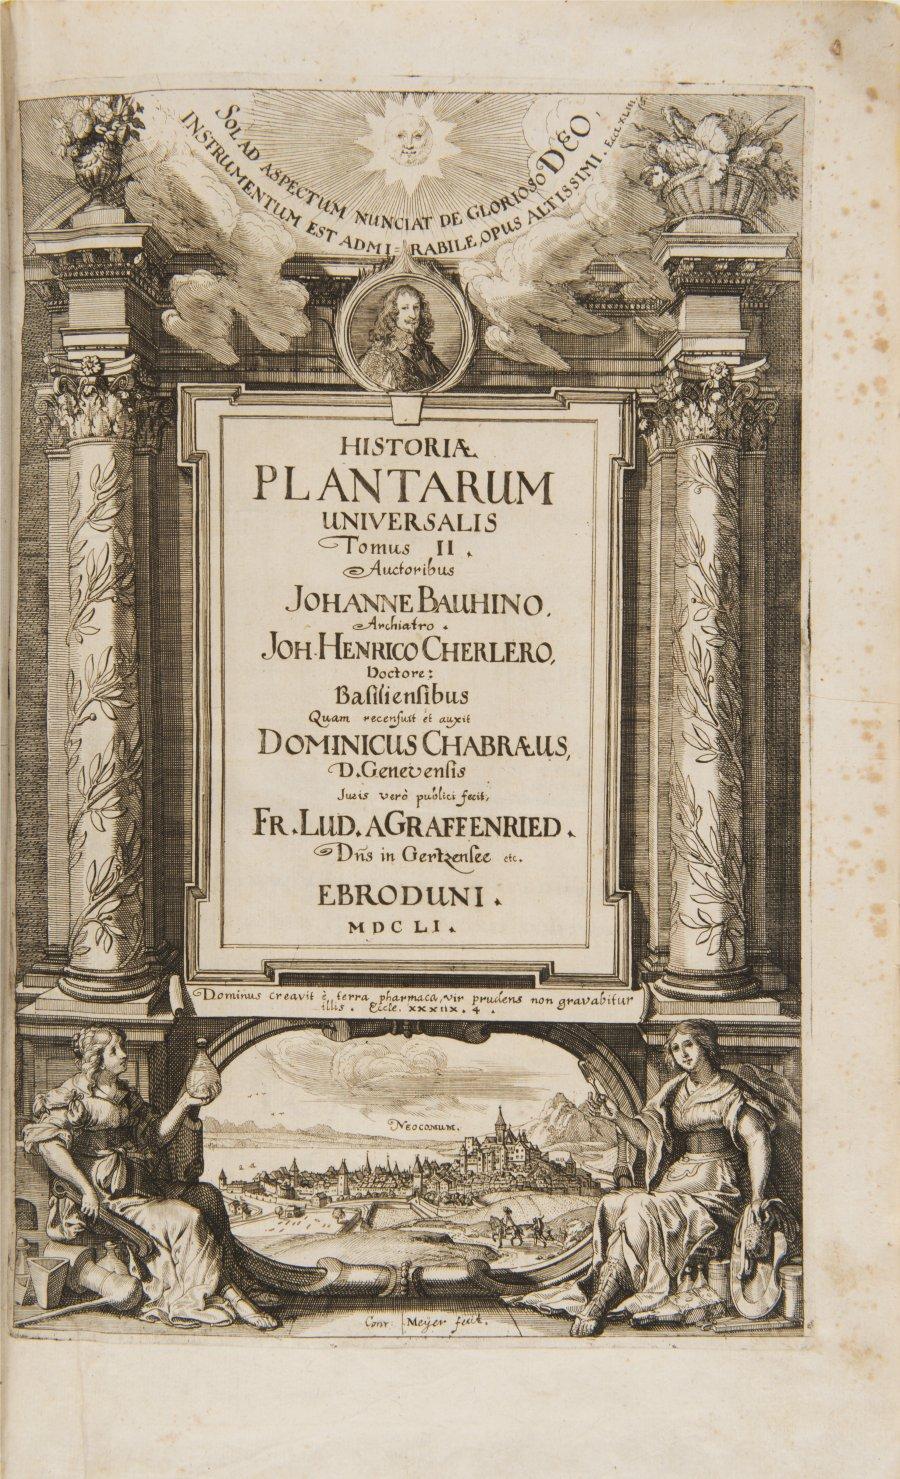 HISTORIAE PLANTARUM UNIVERSALIS